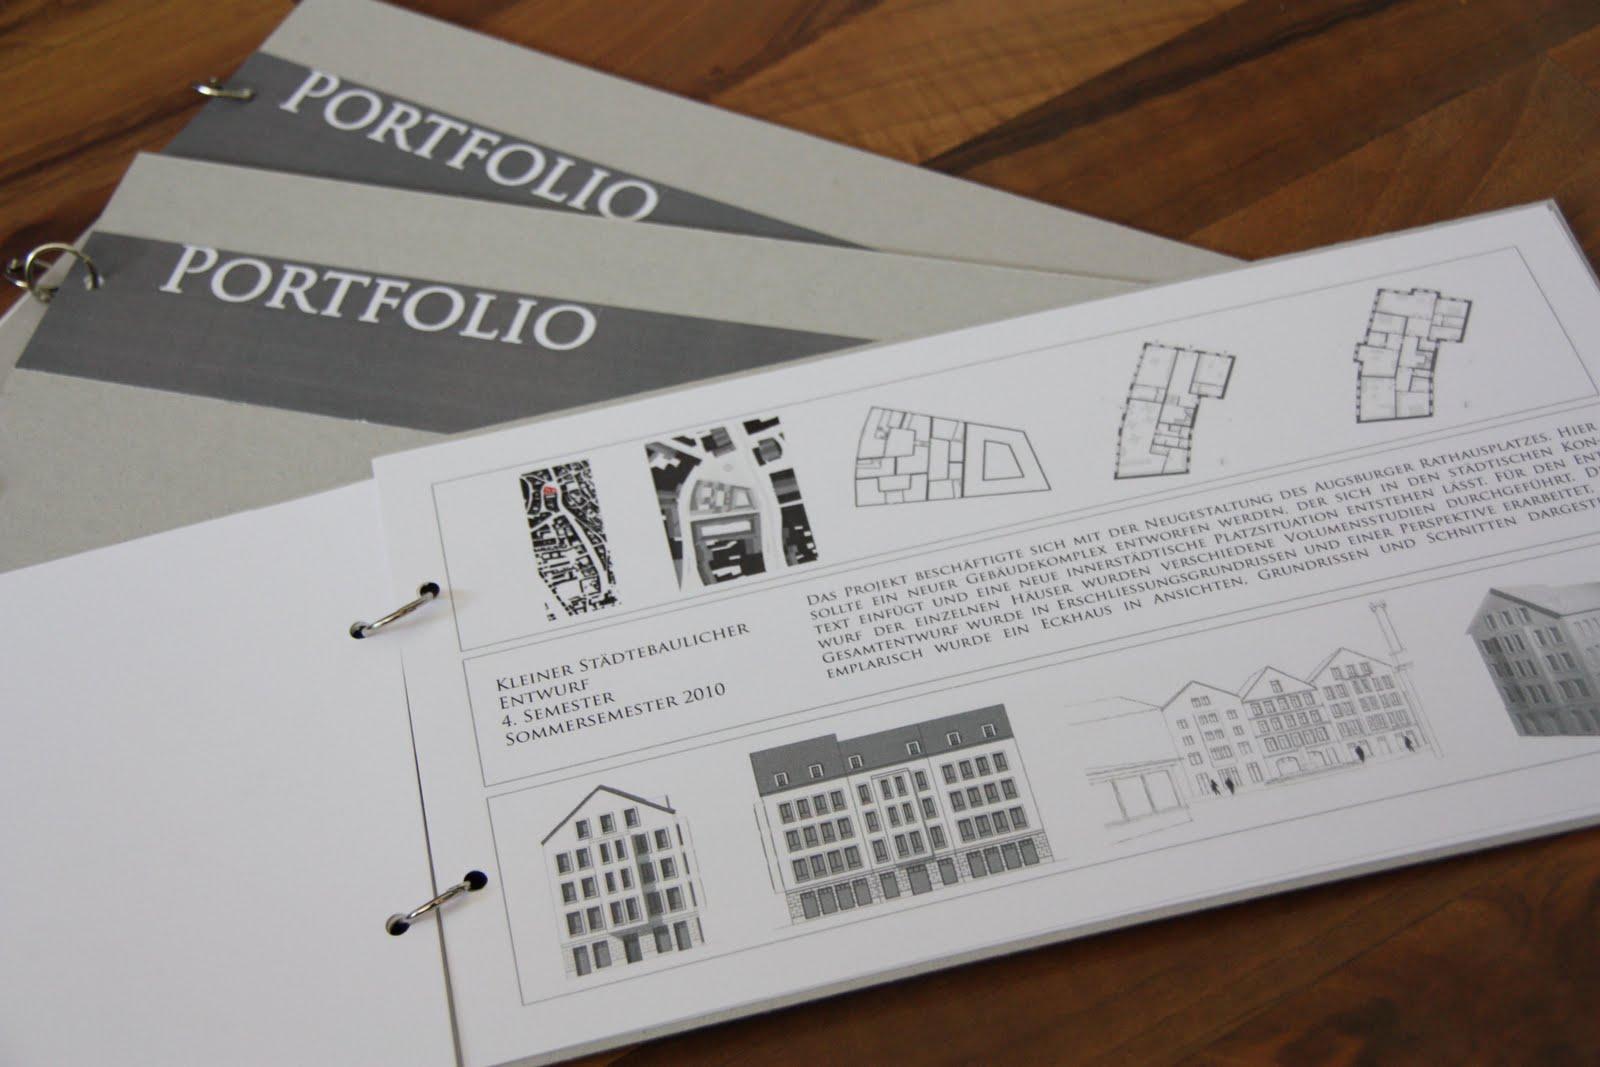 El artificio und weils so sch n ist gleich noch ein update for Architektur bewerbung